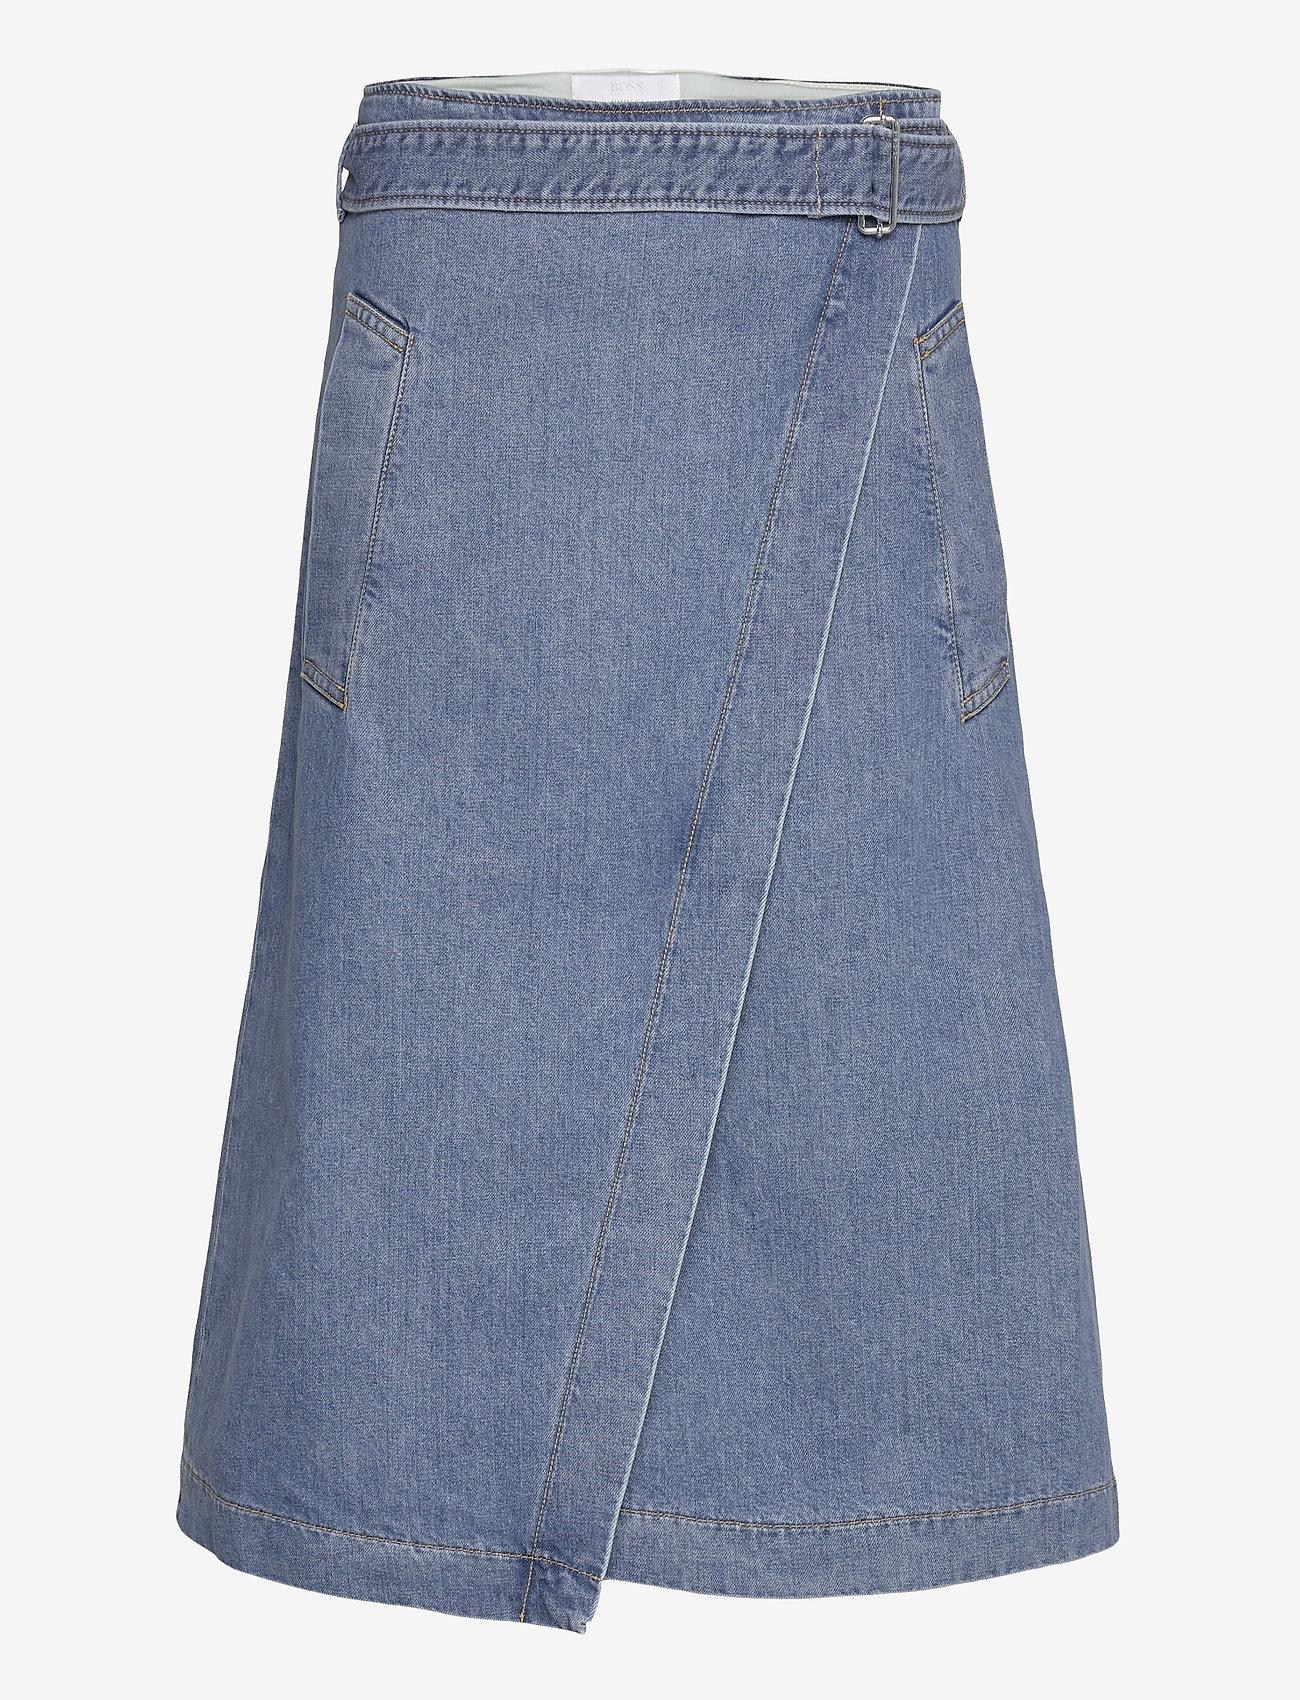 BOSS - DENIM SKIRT 7.0 - jupes portefeuille - medium blue - 0